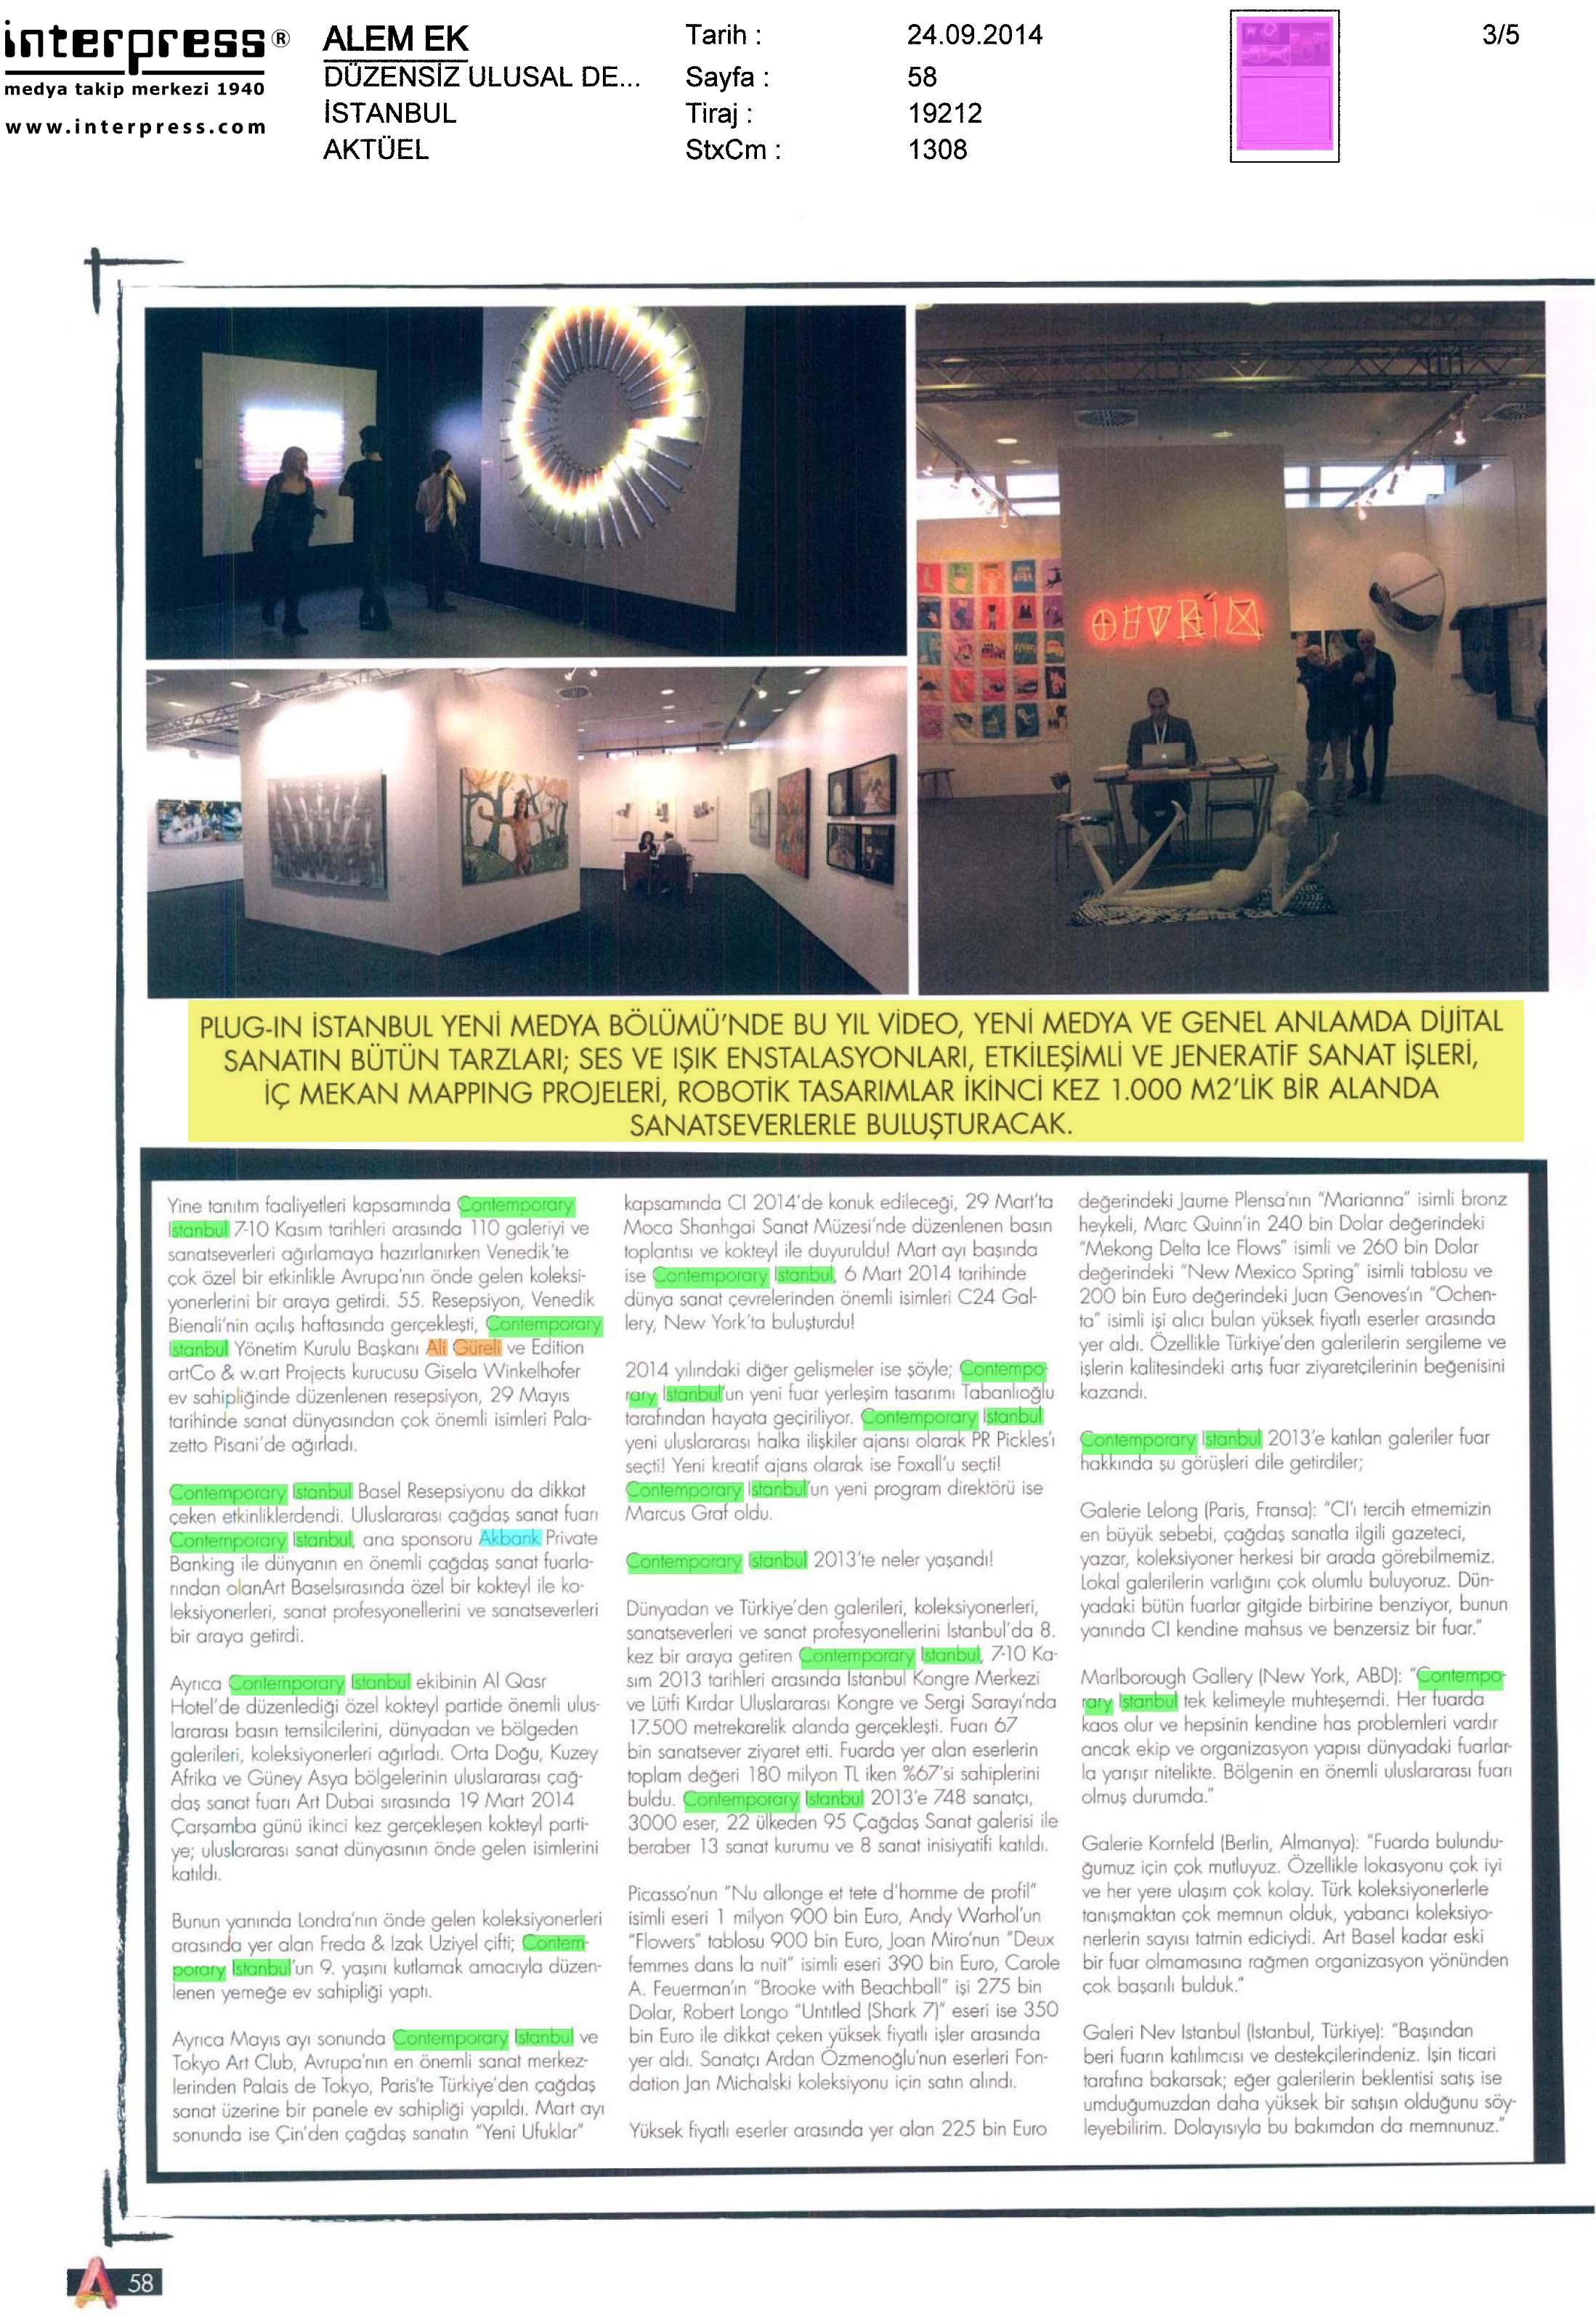 Alem Ek - Düzensiz Ulusal Dergi 24-09-2.jpg